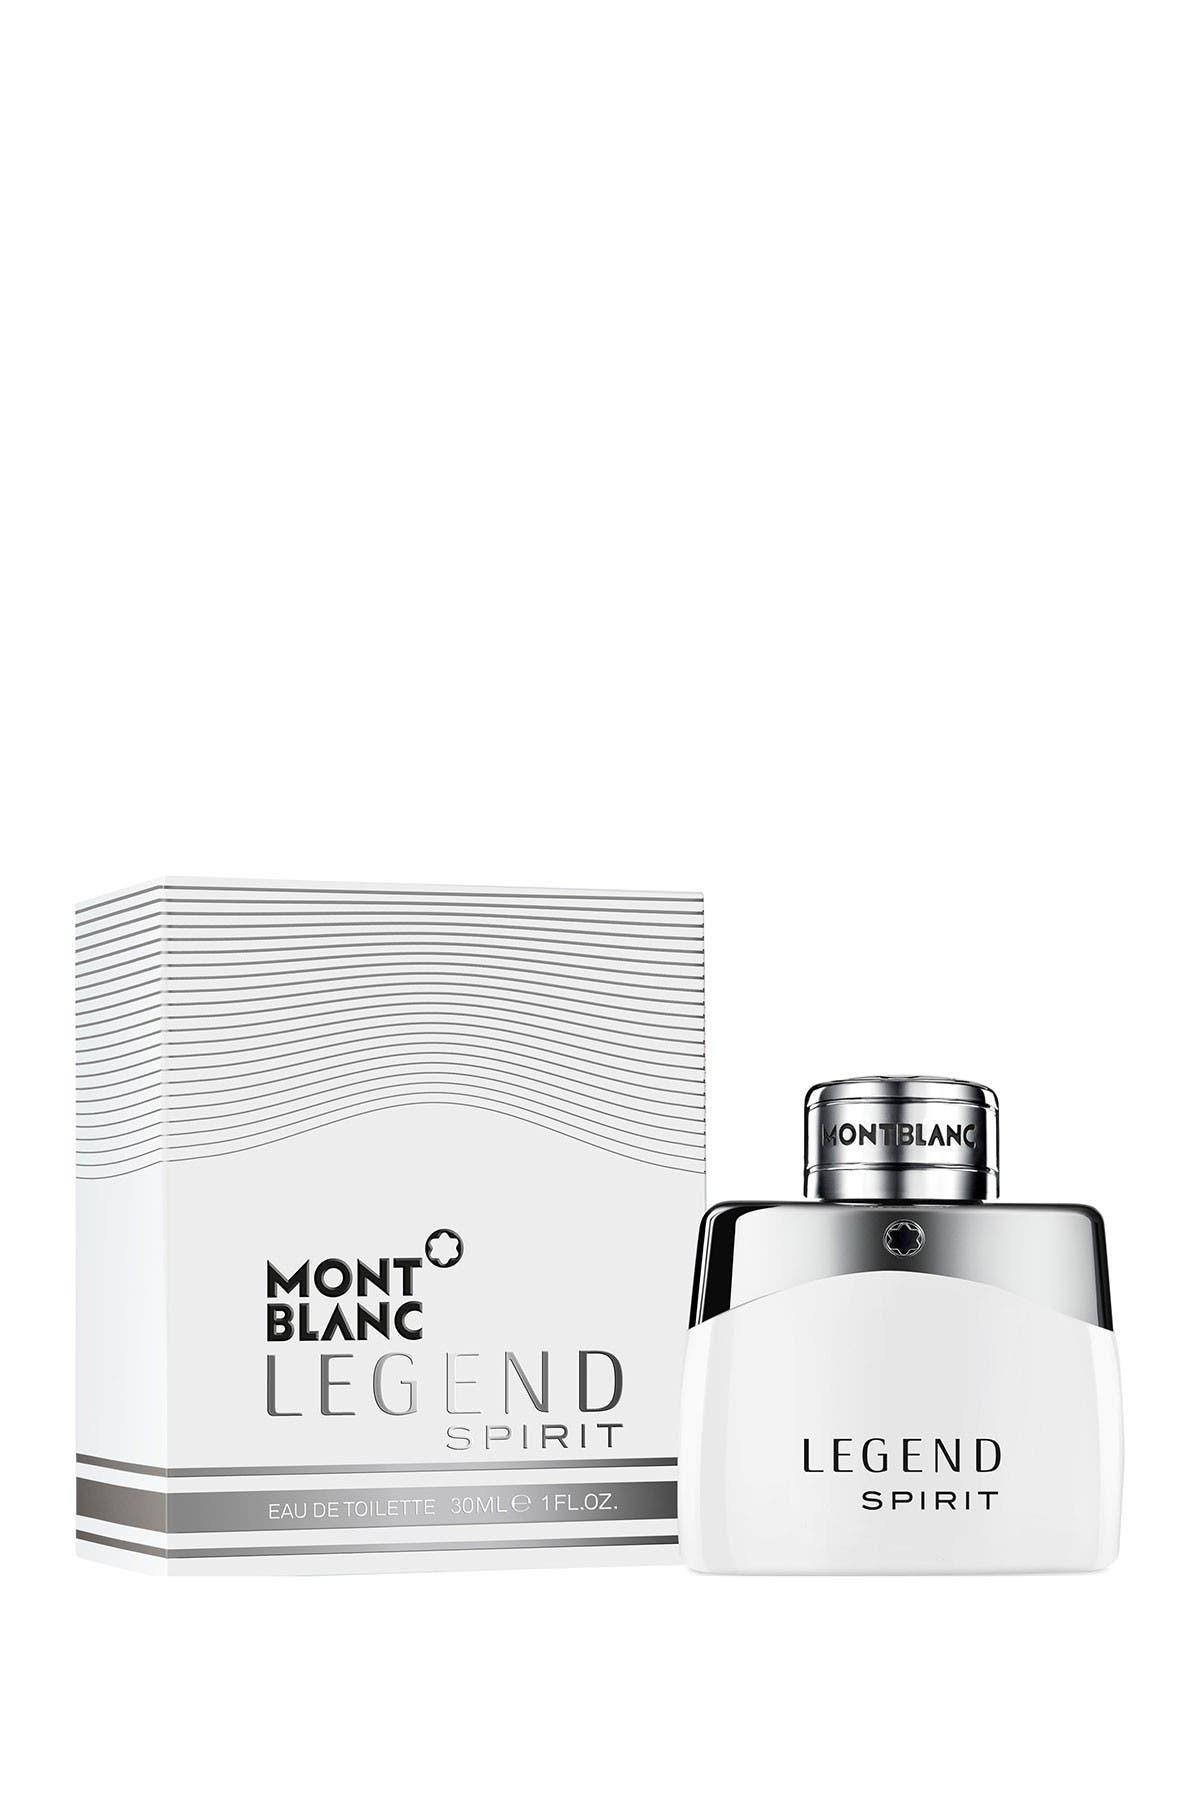 Image of Montblanc Legend Spirit Eau de Toilette Spray - 1.0 fl. oz.